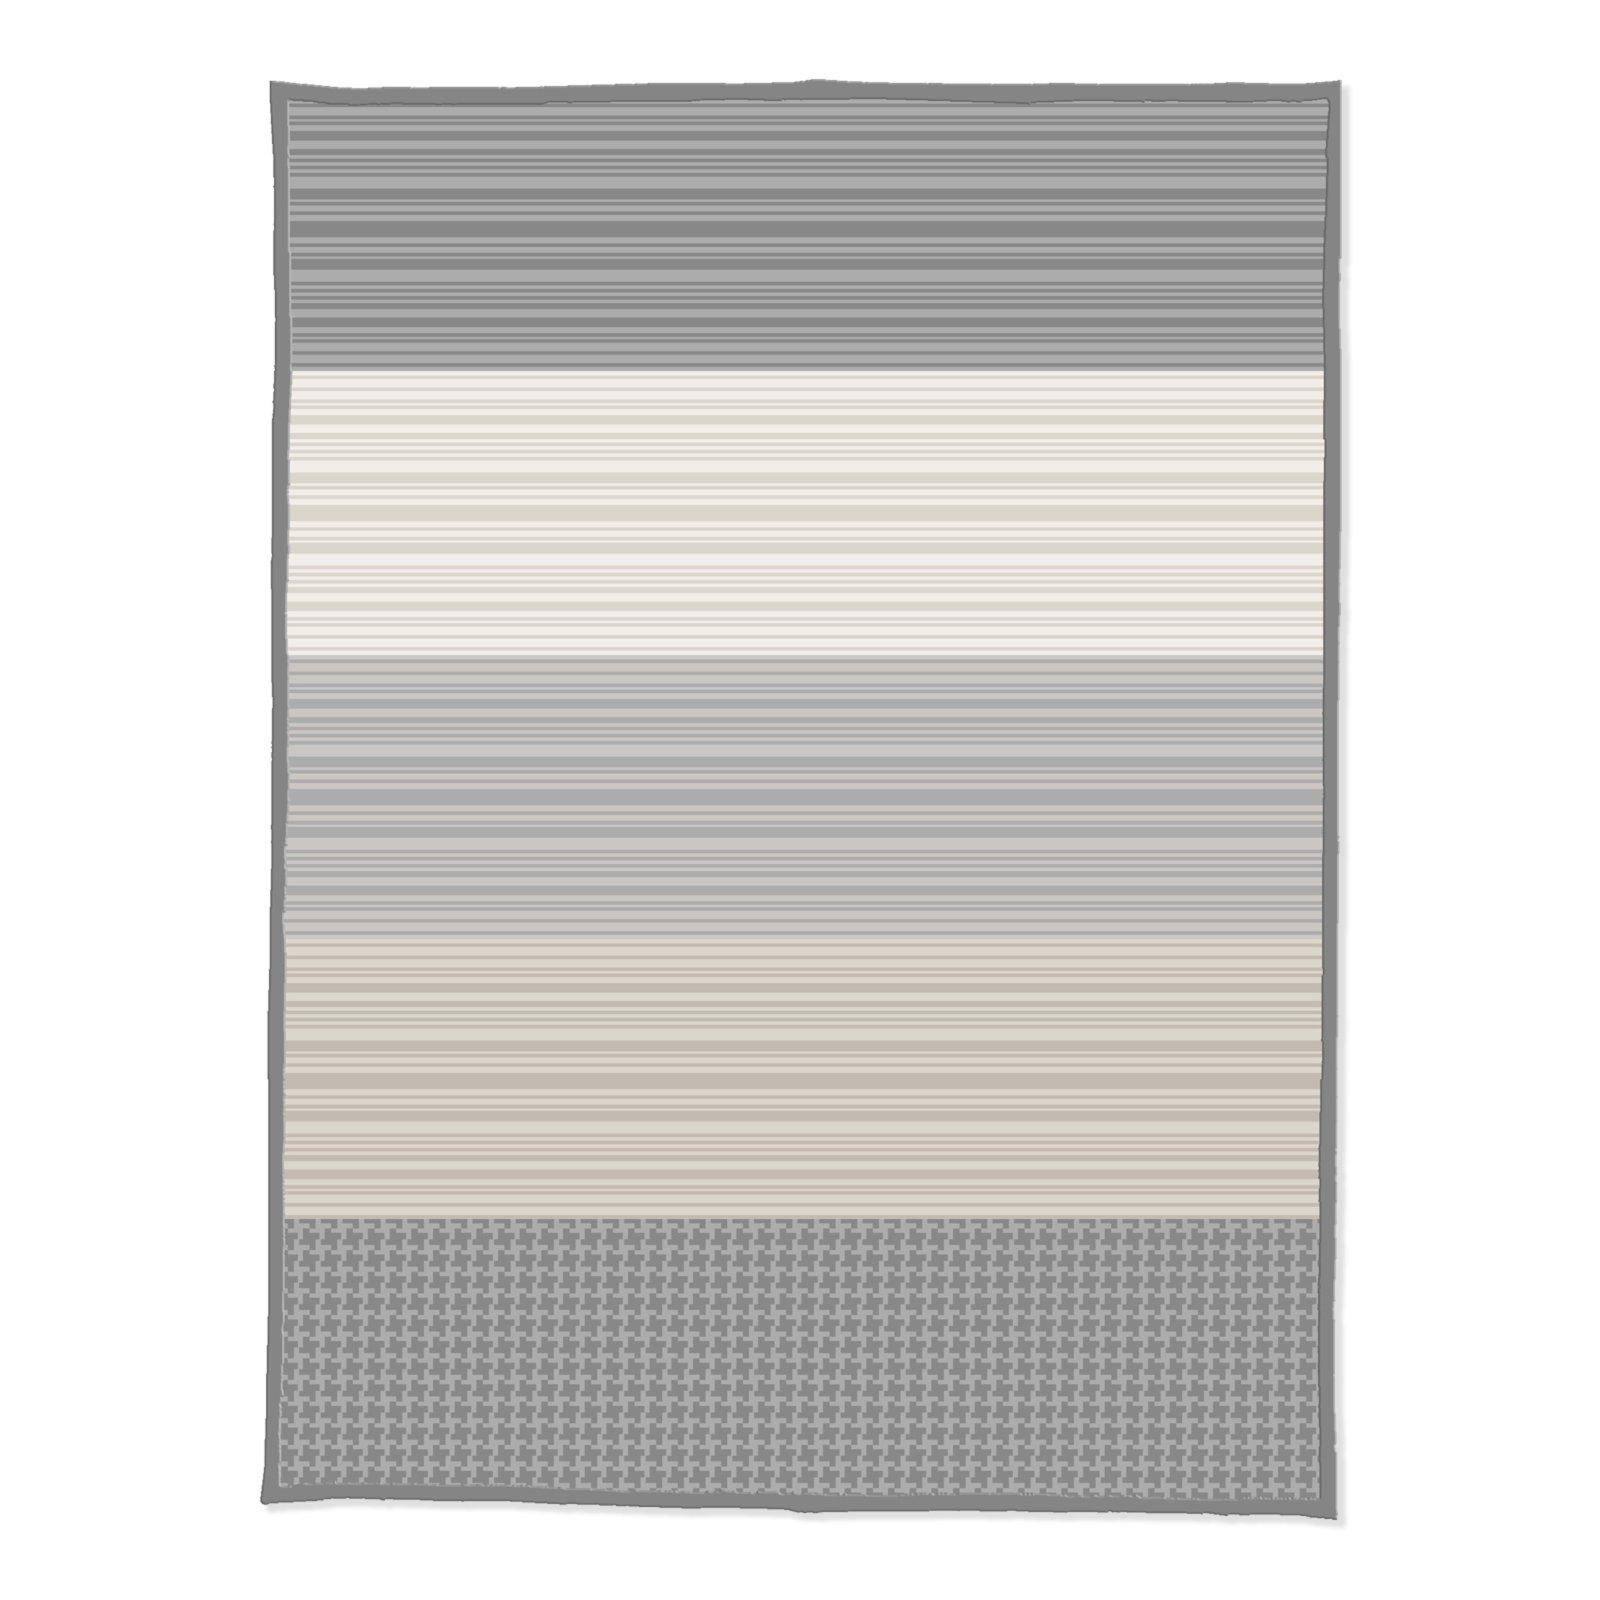 wohndecke beige grau gestreift 150x200 cm wohndecken fleecedecken heimtextilien. Black Bedroom Furniture Sets. Home Design Ideas